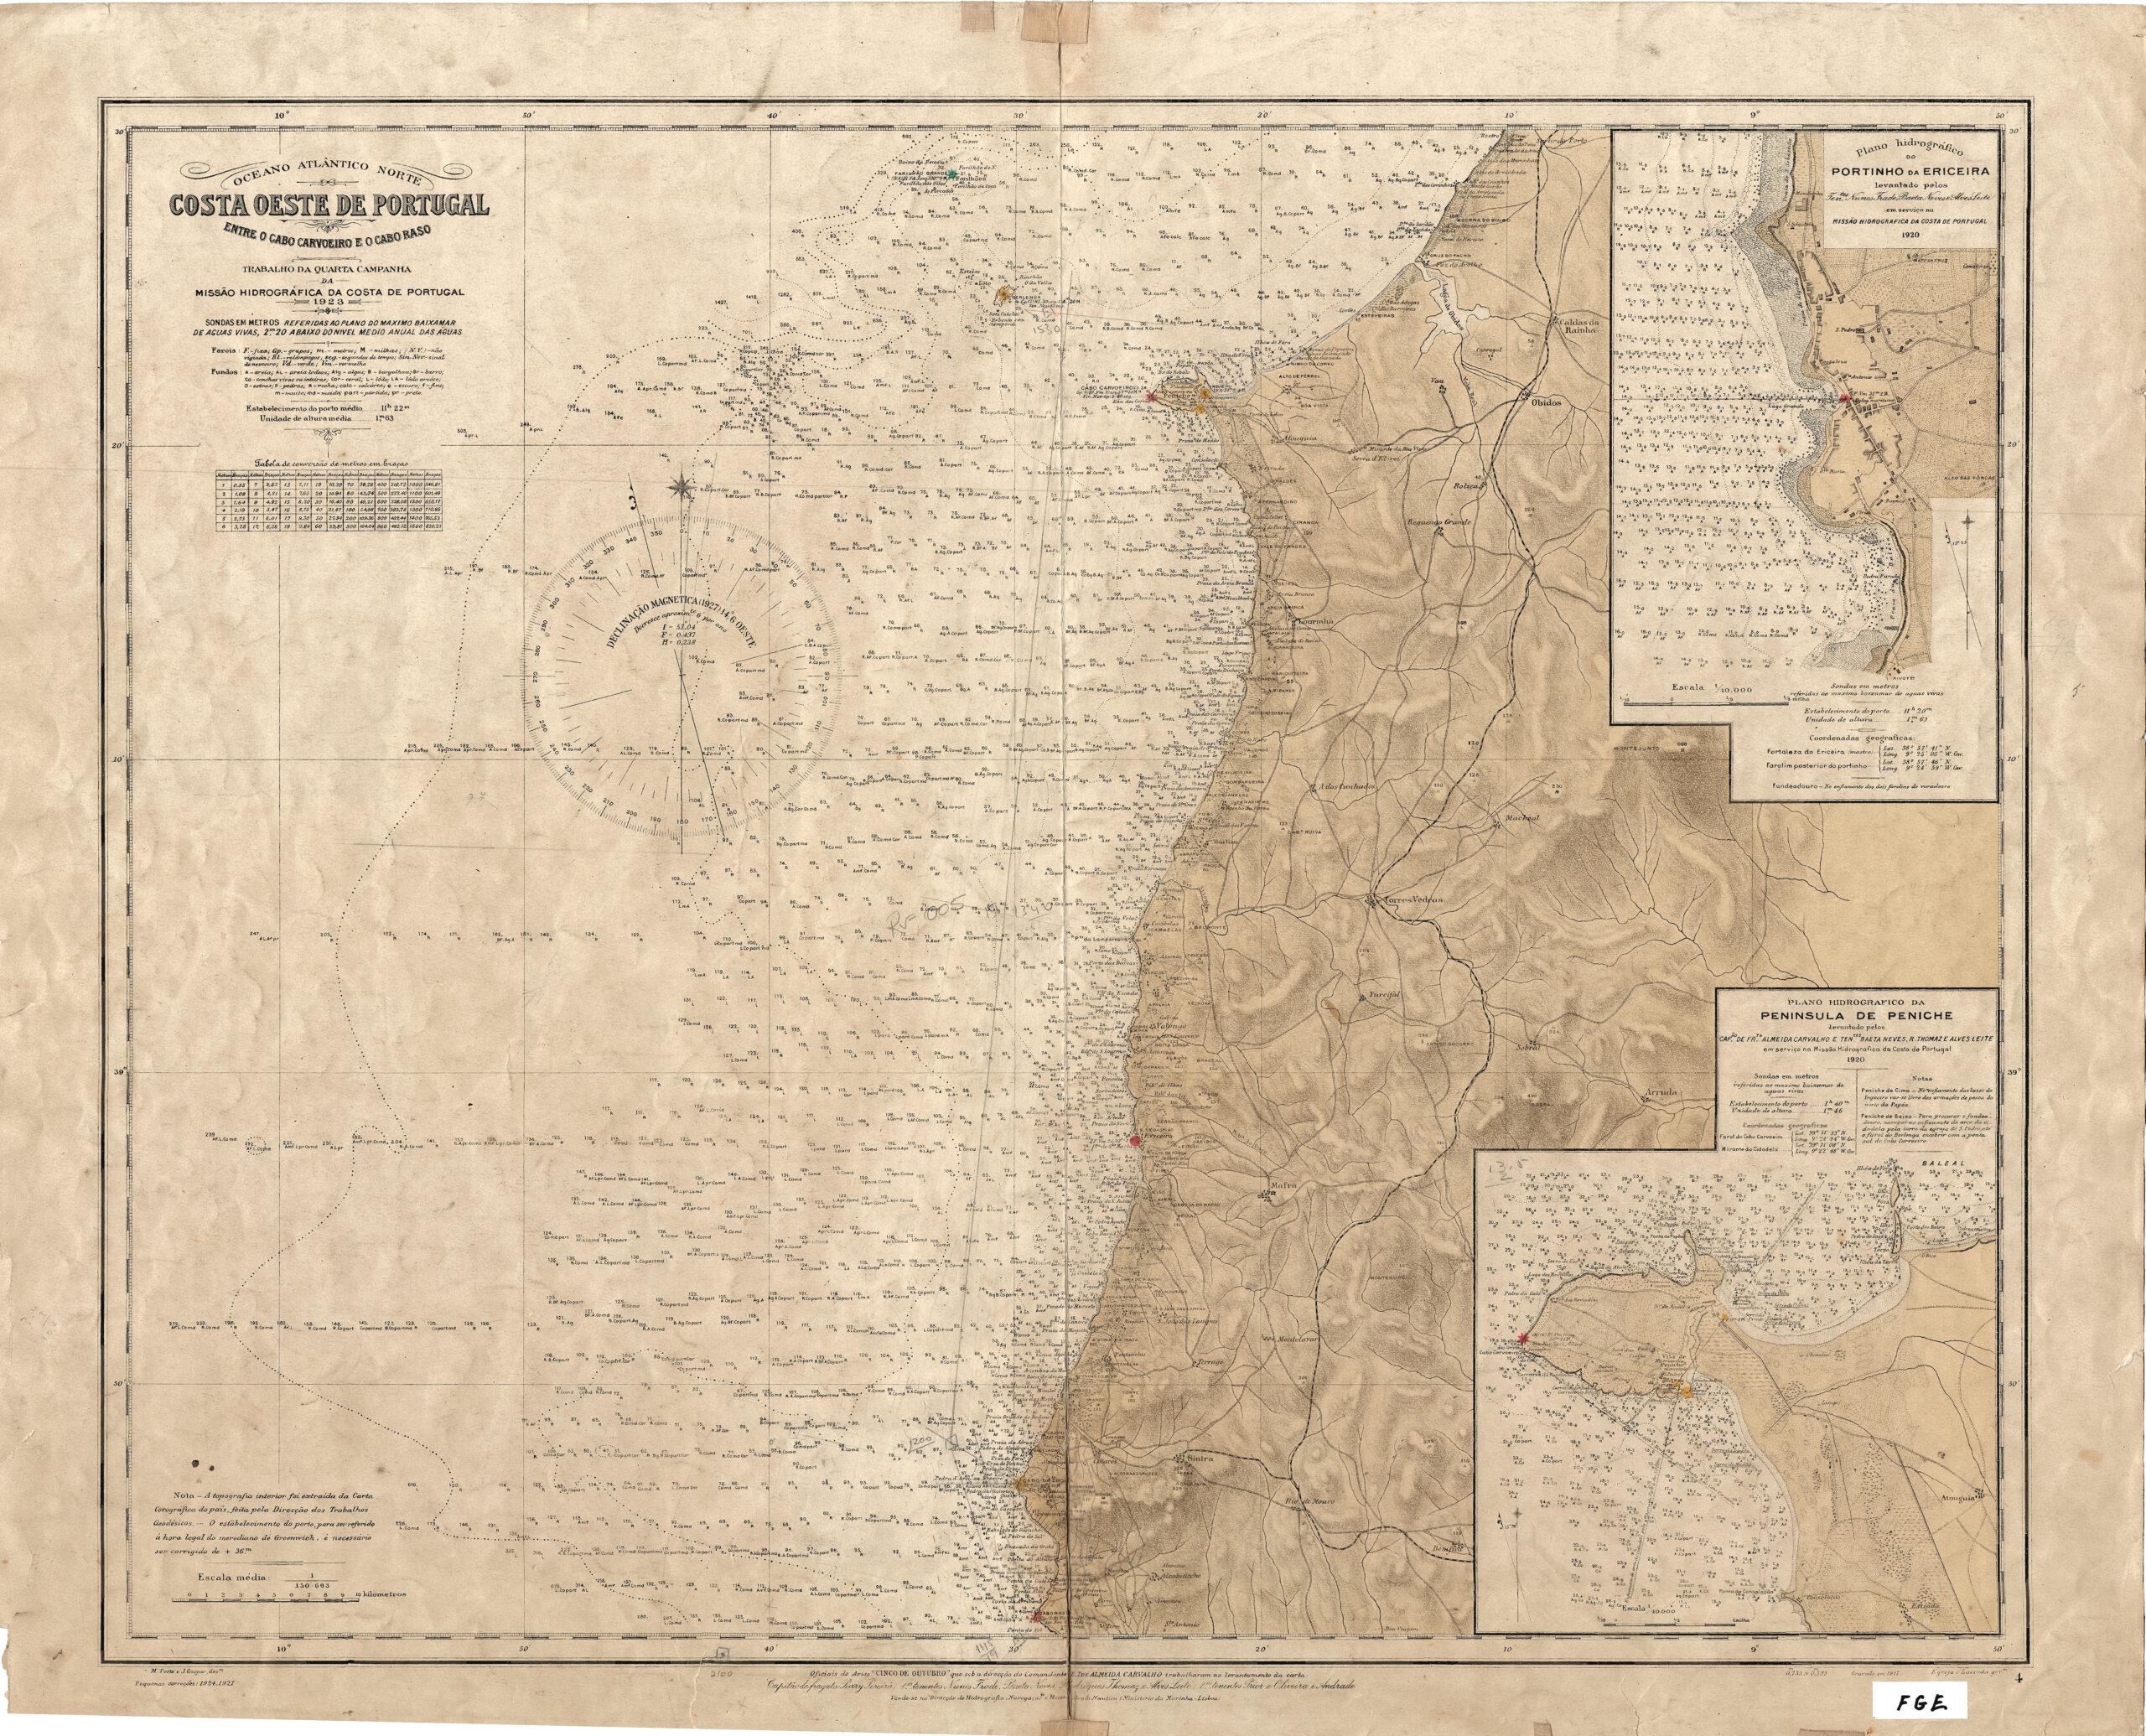 Costa oeste de Portugal – entre o Cabo Carvoeiro e o Cabo Raso